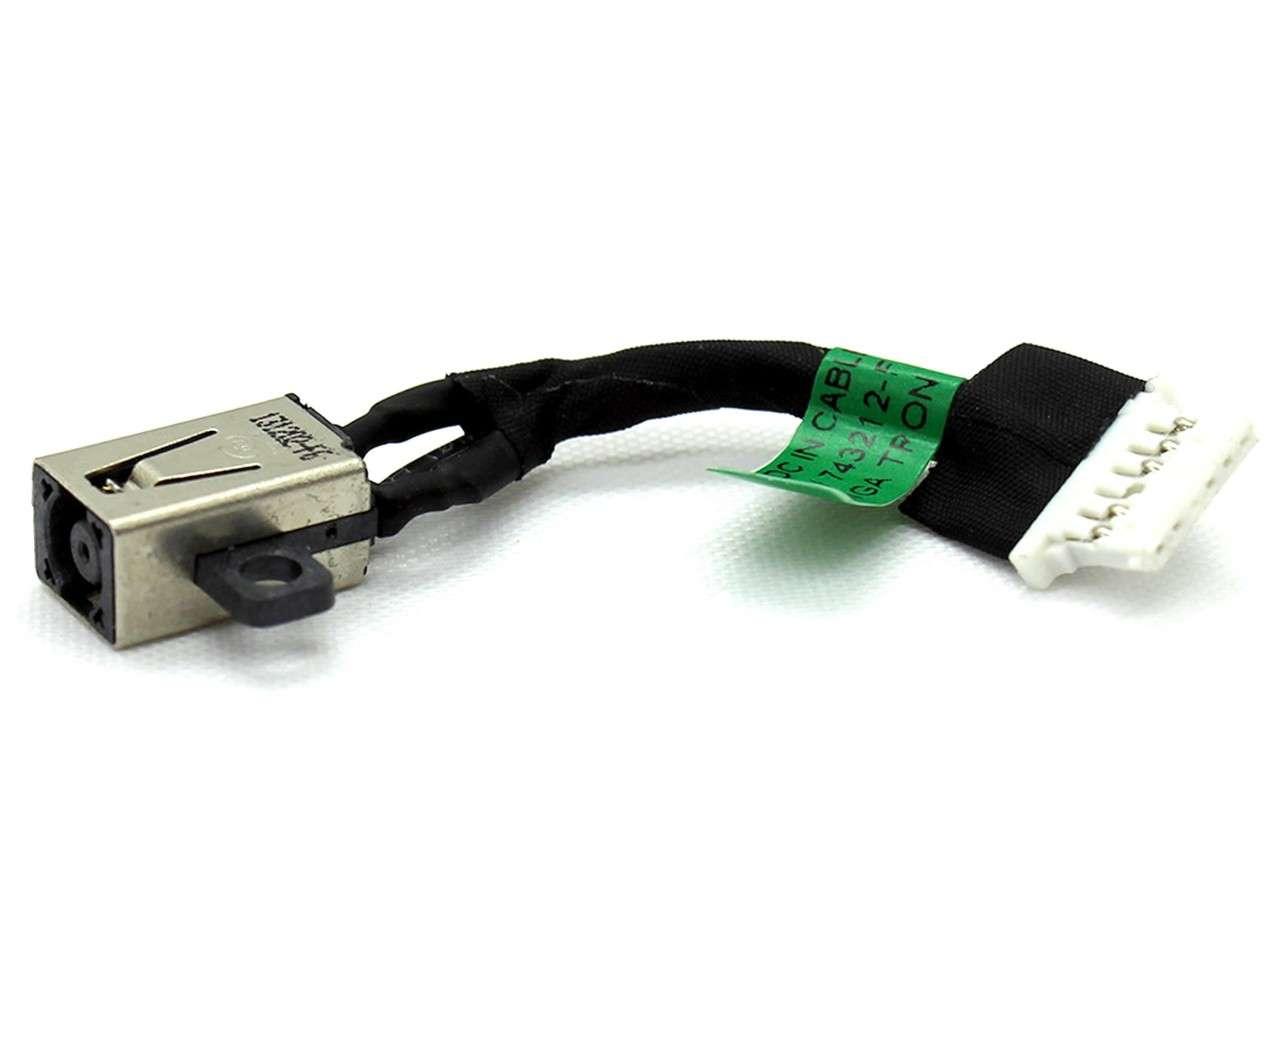 Mufa alimentare laptop HP 743212-FD1 cu fir imagine powerlaptop.ro 2021